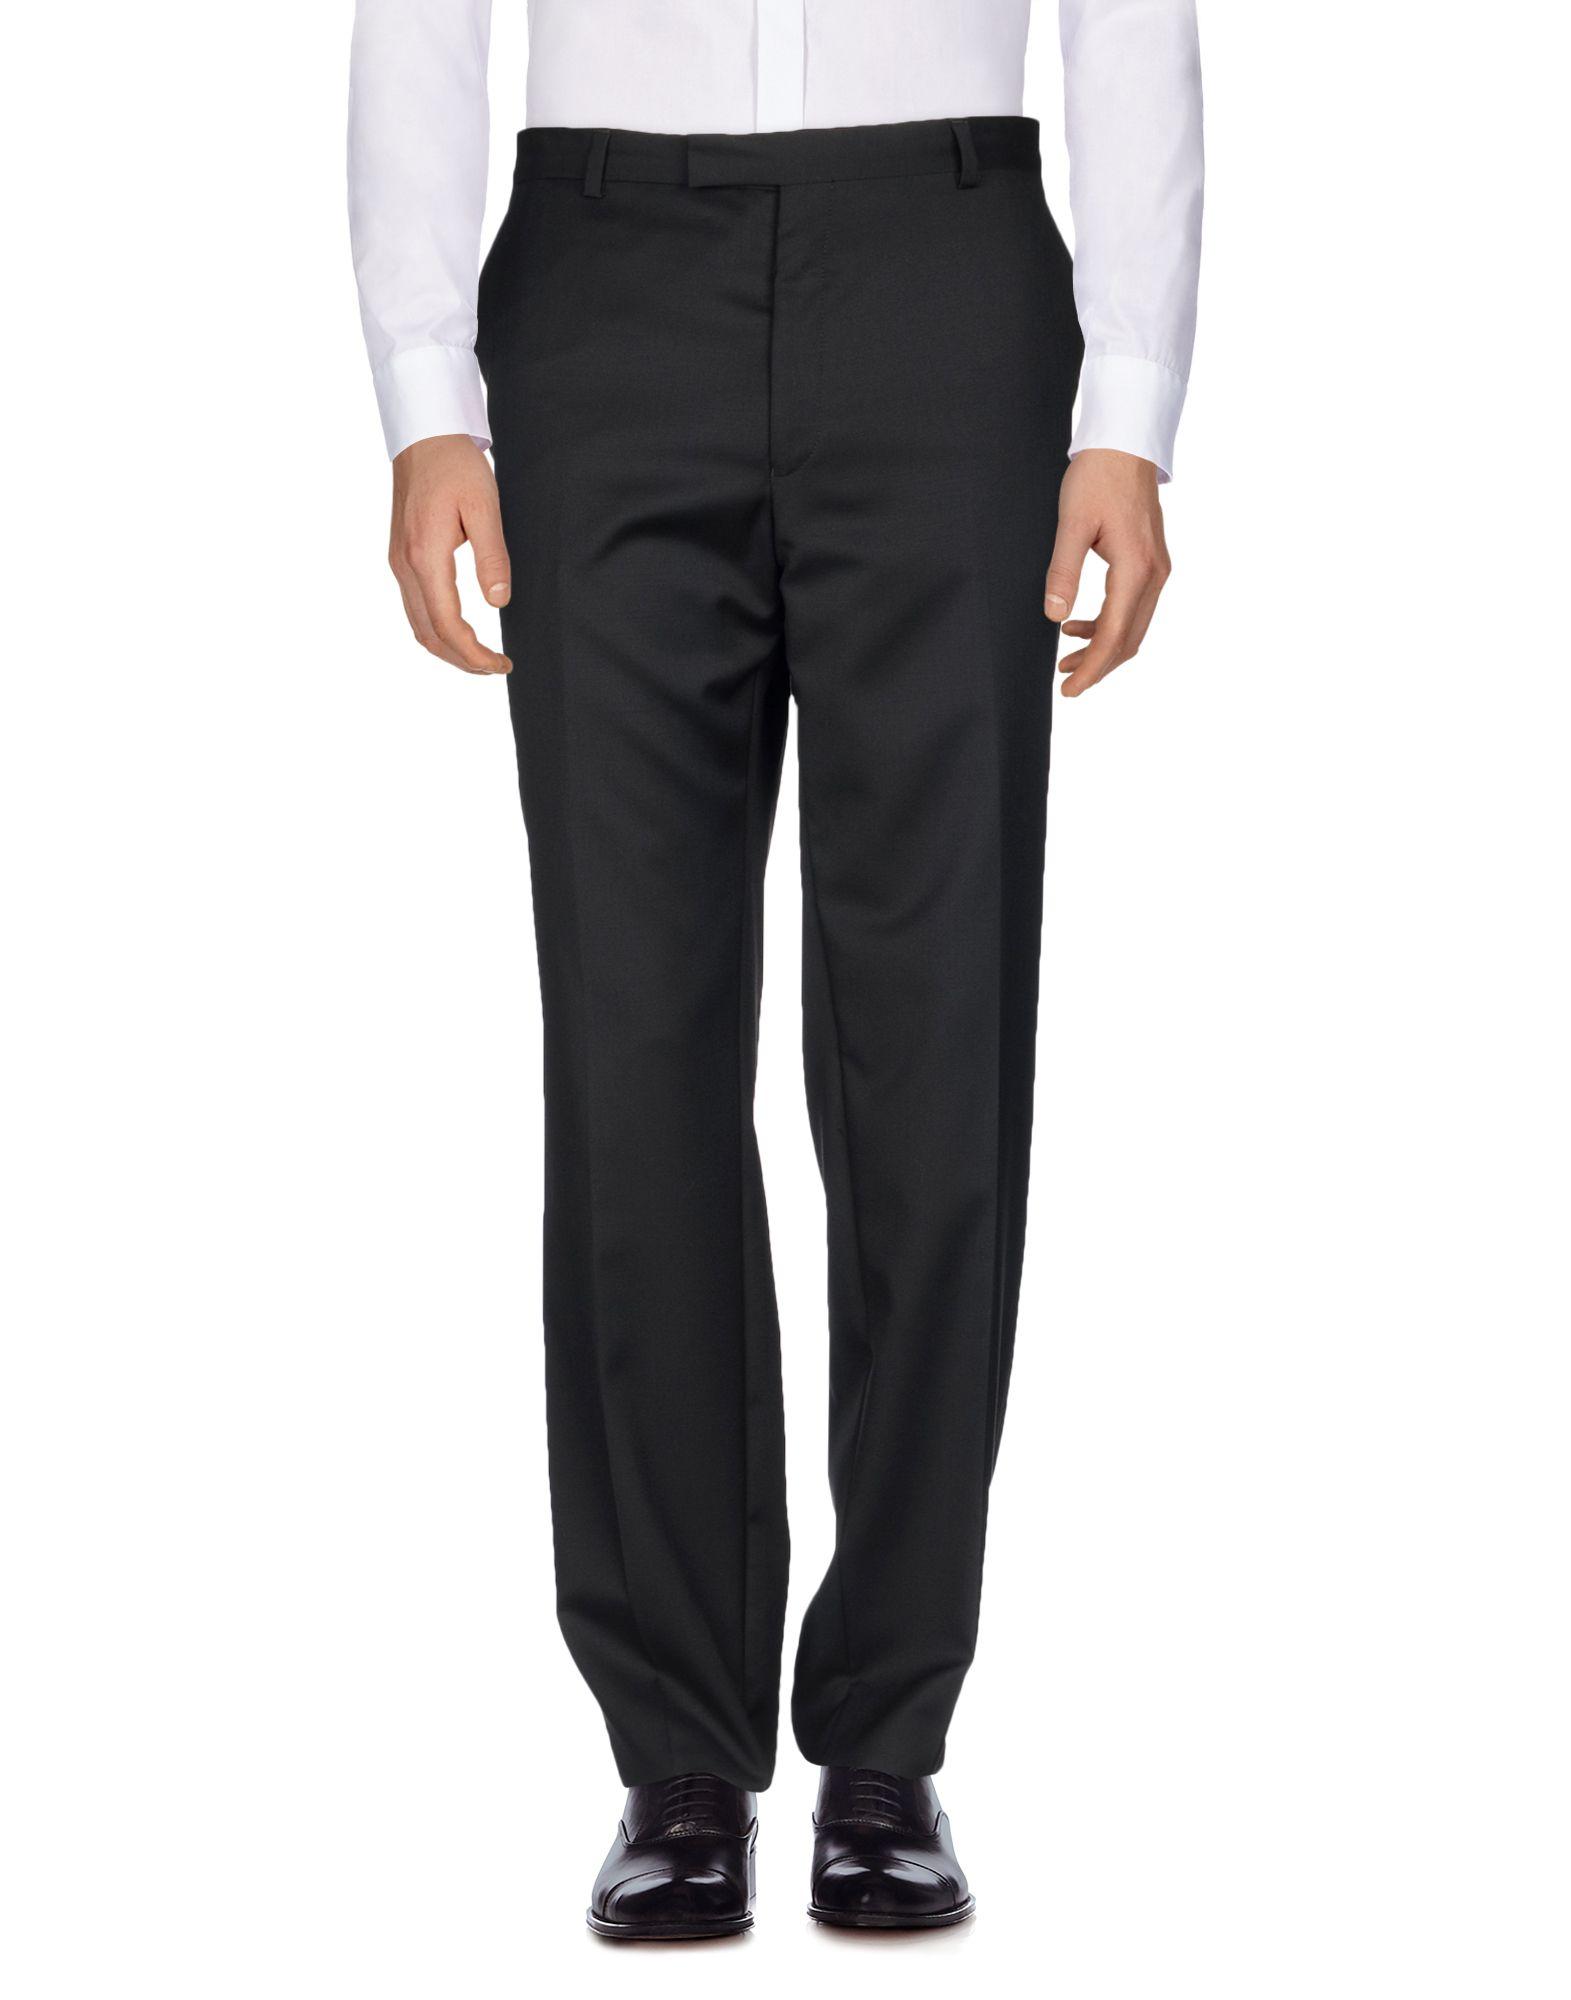 《送料無料》GIVENCHY メンズ パンツ ブラック 46 バージンウール 100%